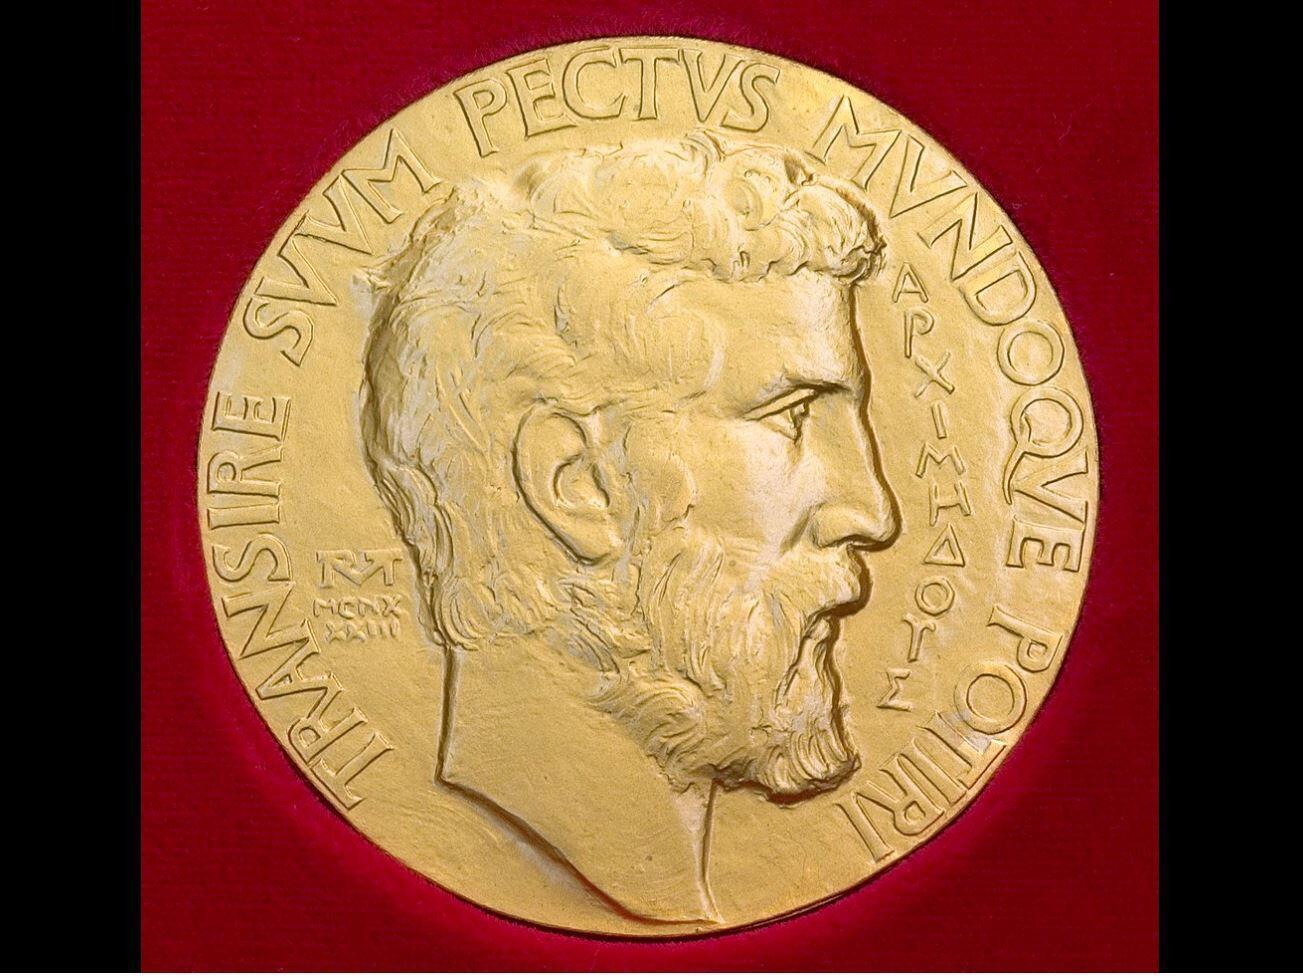 A prestigiosa medalha Fields, considerada o Nobel da Matemática, é outorgada a matemáticos desde o século 19, no Congresso Internacional de Matemáticos, realizado a cada quatro anos.